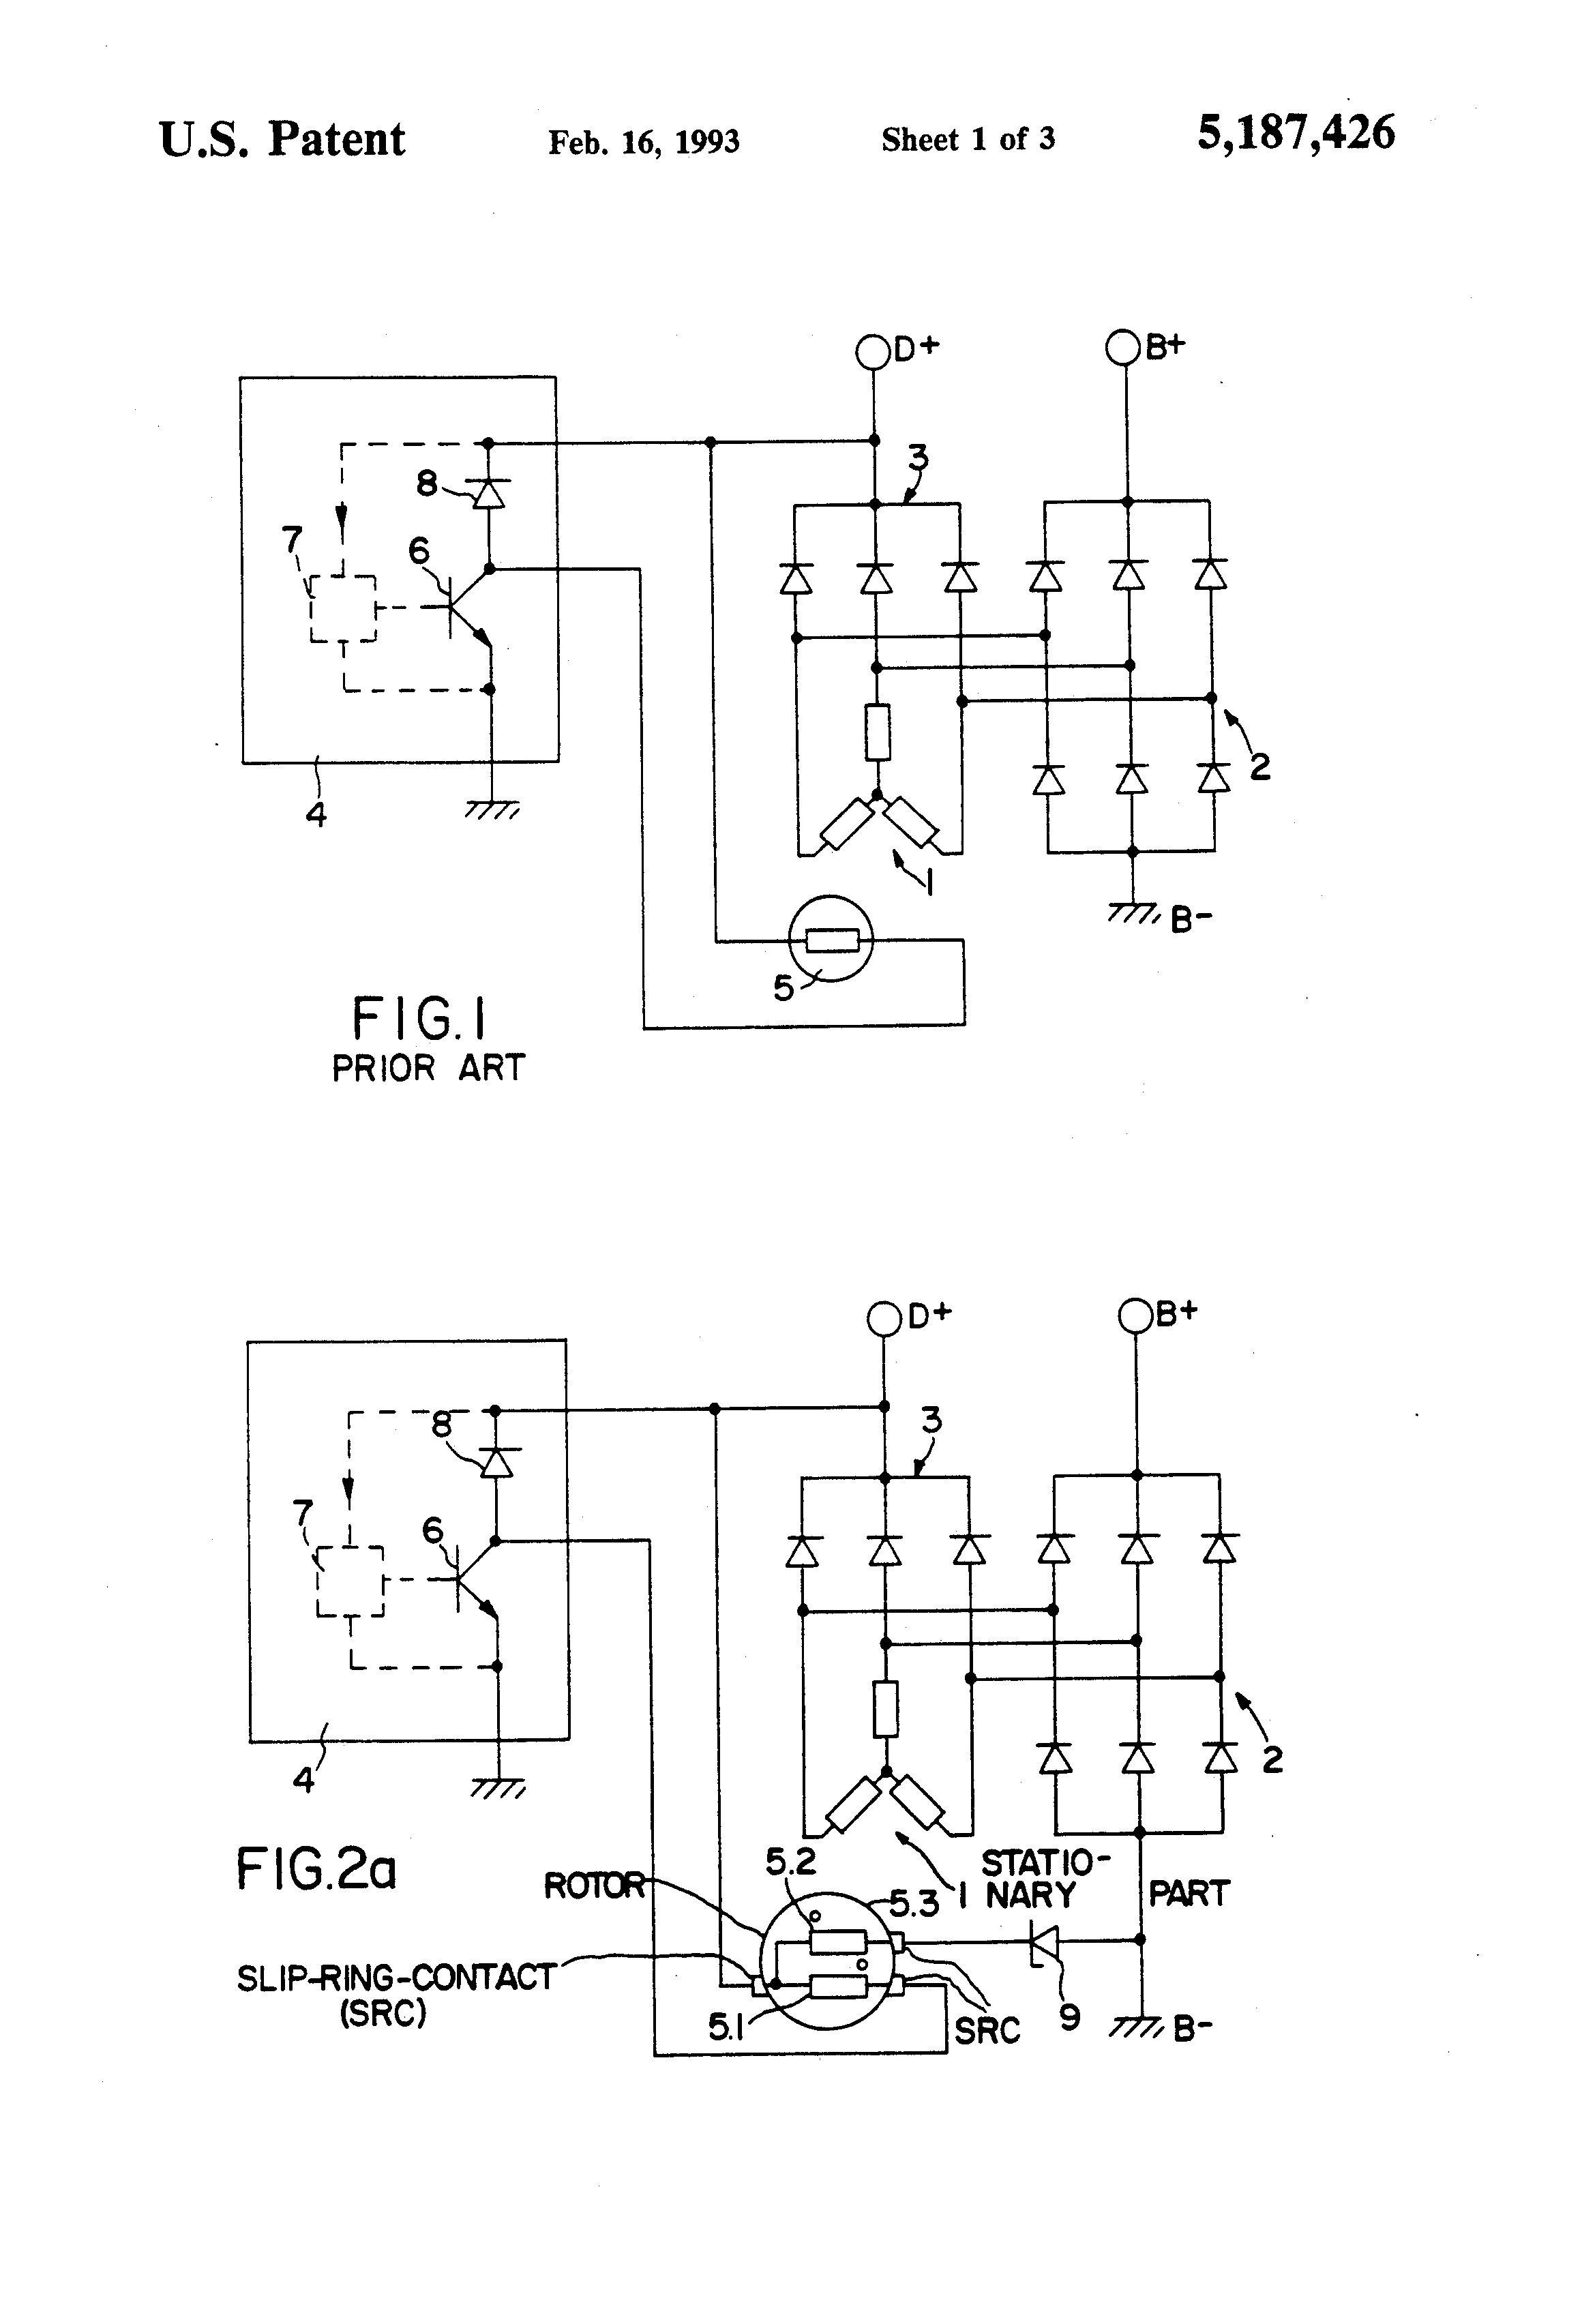 Diesel Engine Components Diagram Yanmar Data Wiring Schematic Alternator Download Of